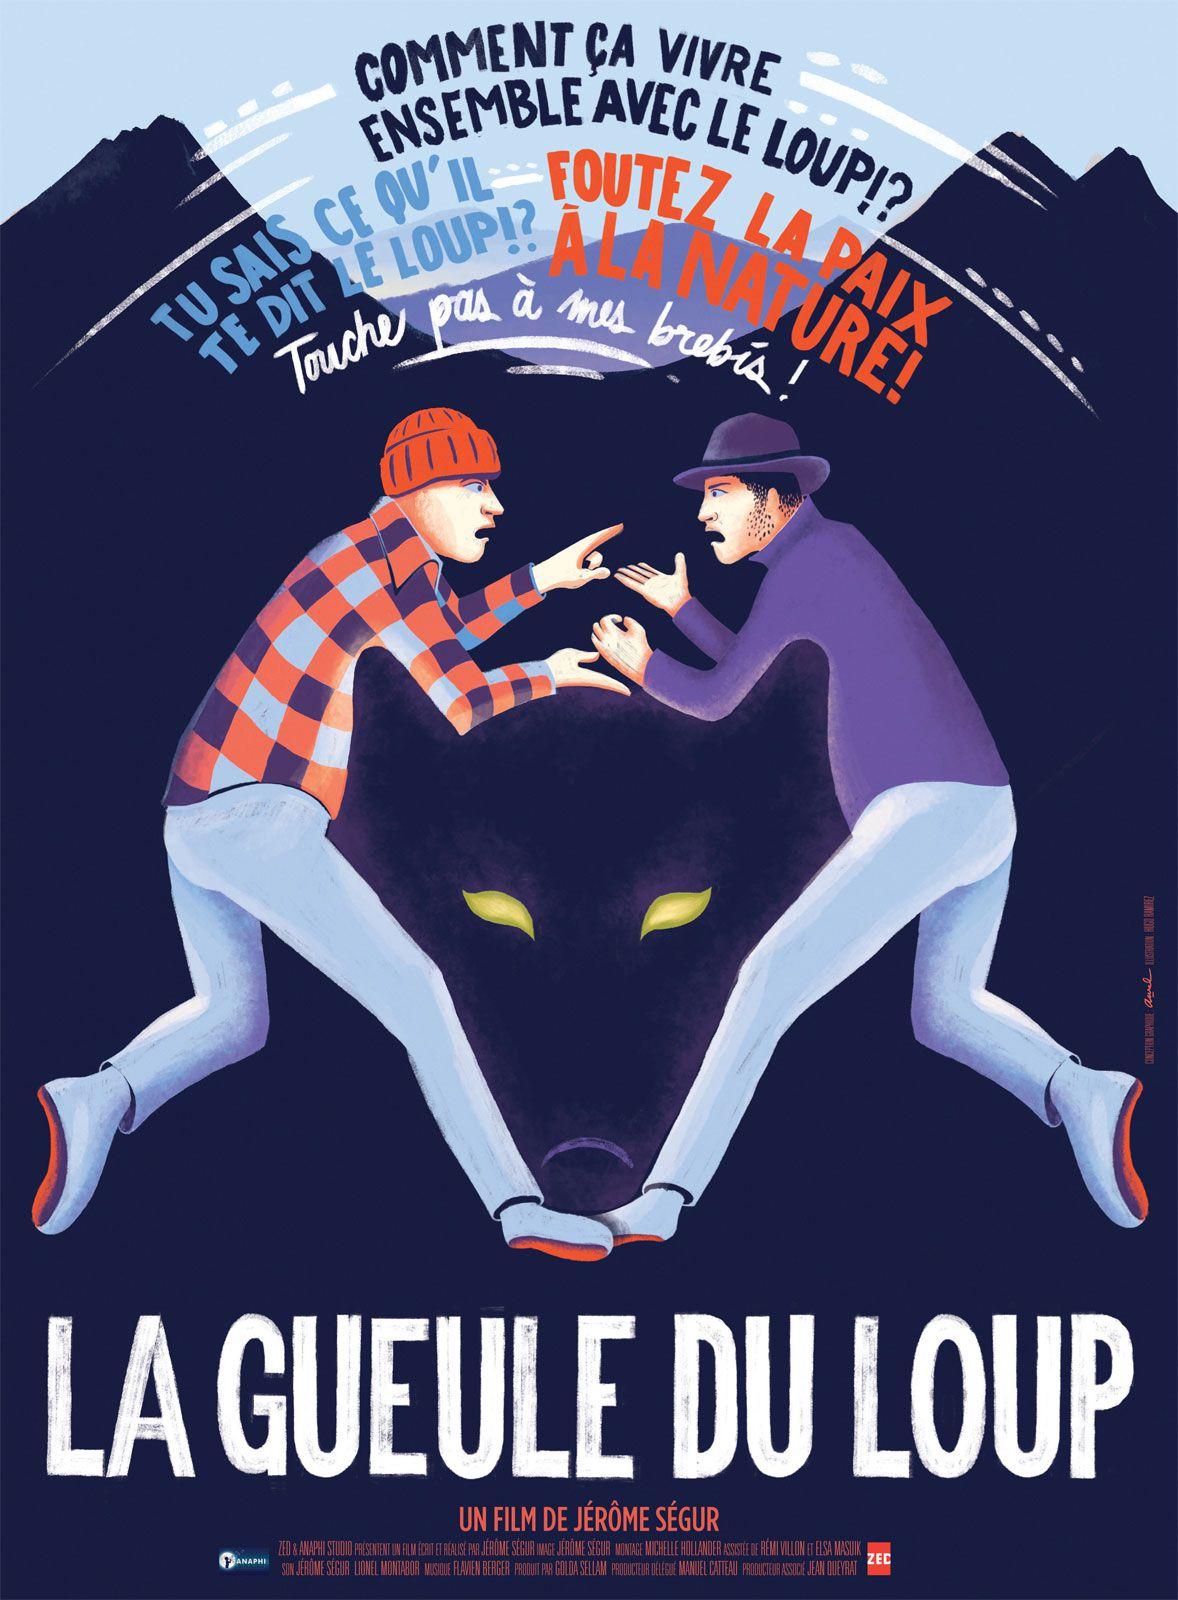 ''La Gueule du loup'' de Jérôme Ségur, France, 2015, 1h20  